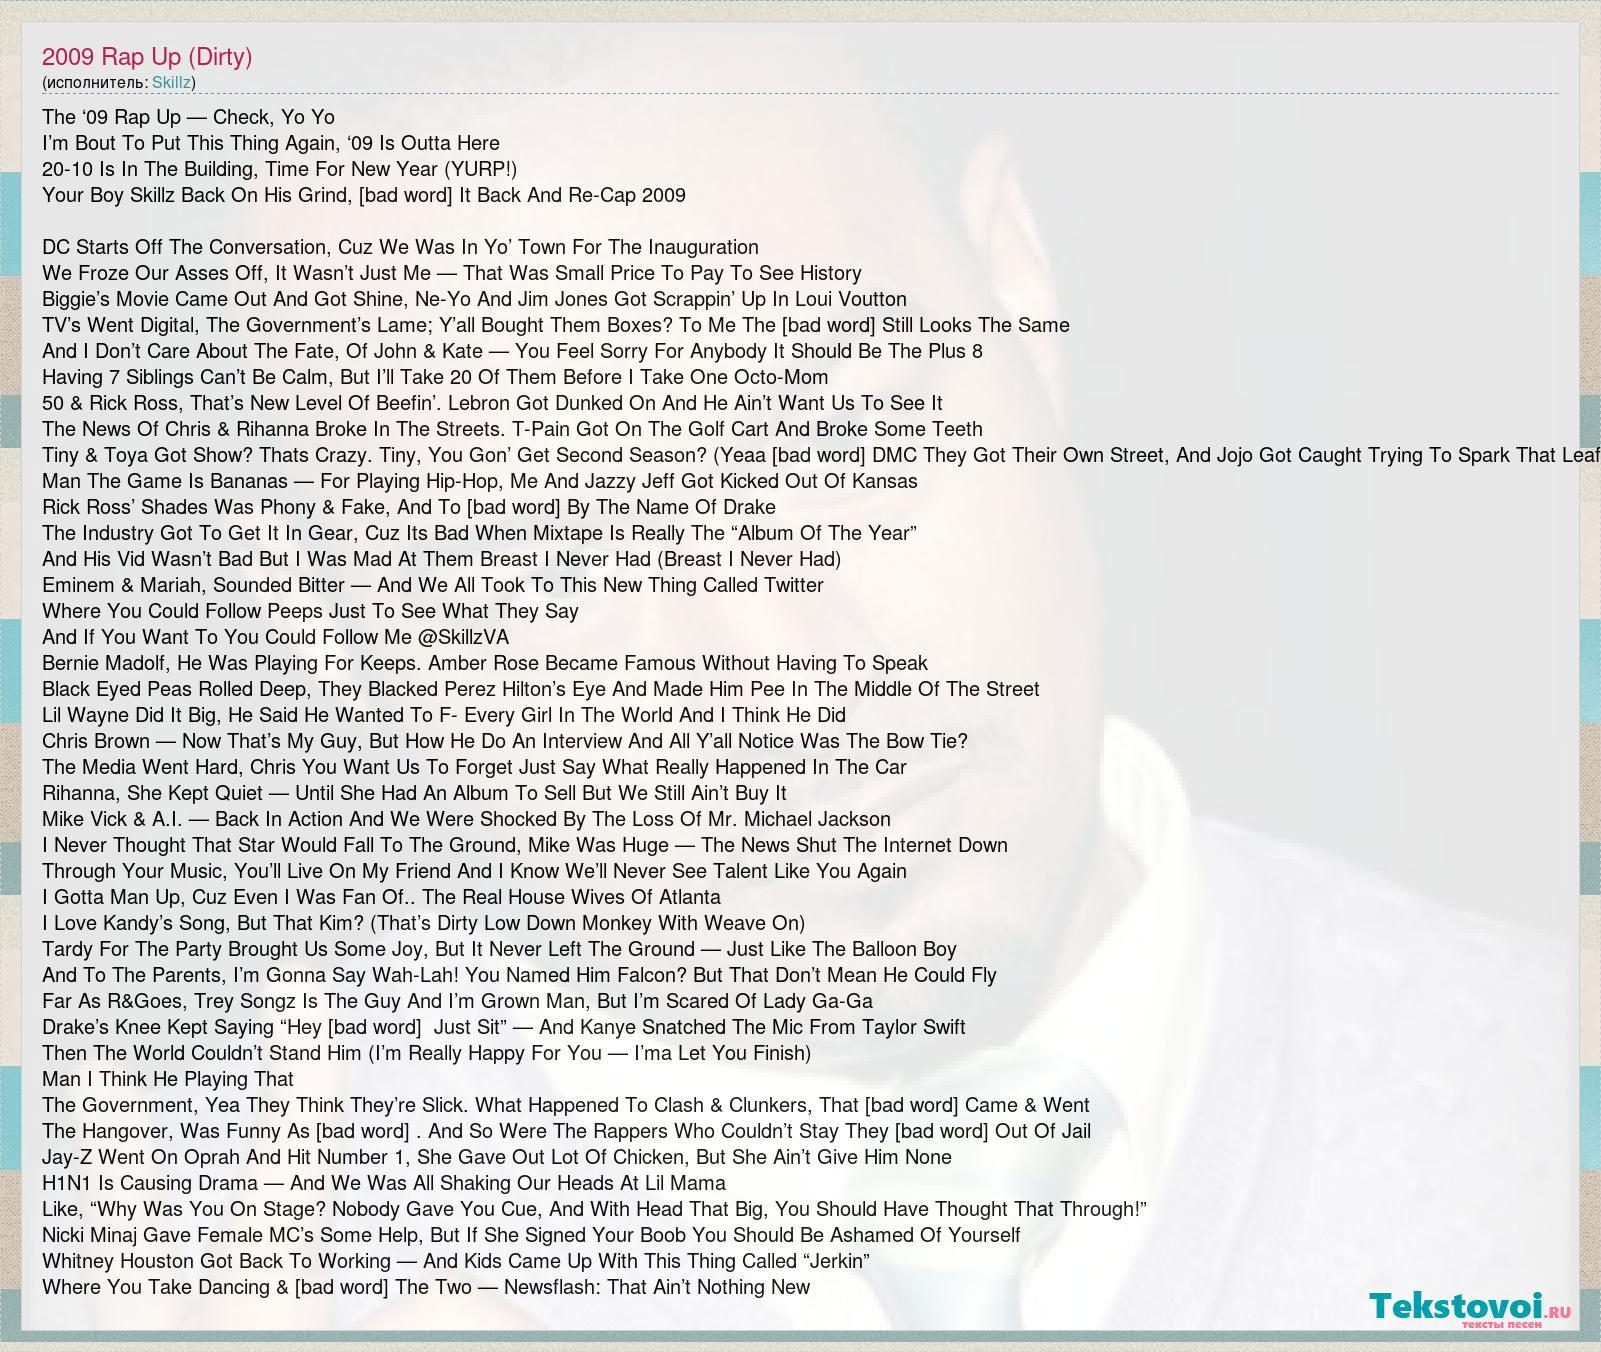 Skillz: 2009 Rap Up (Dirty) слова песни